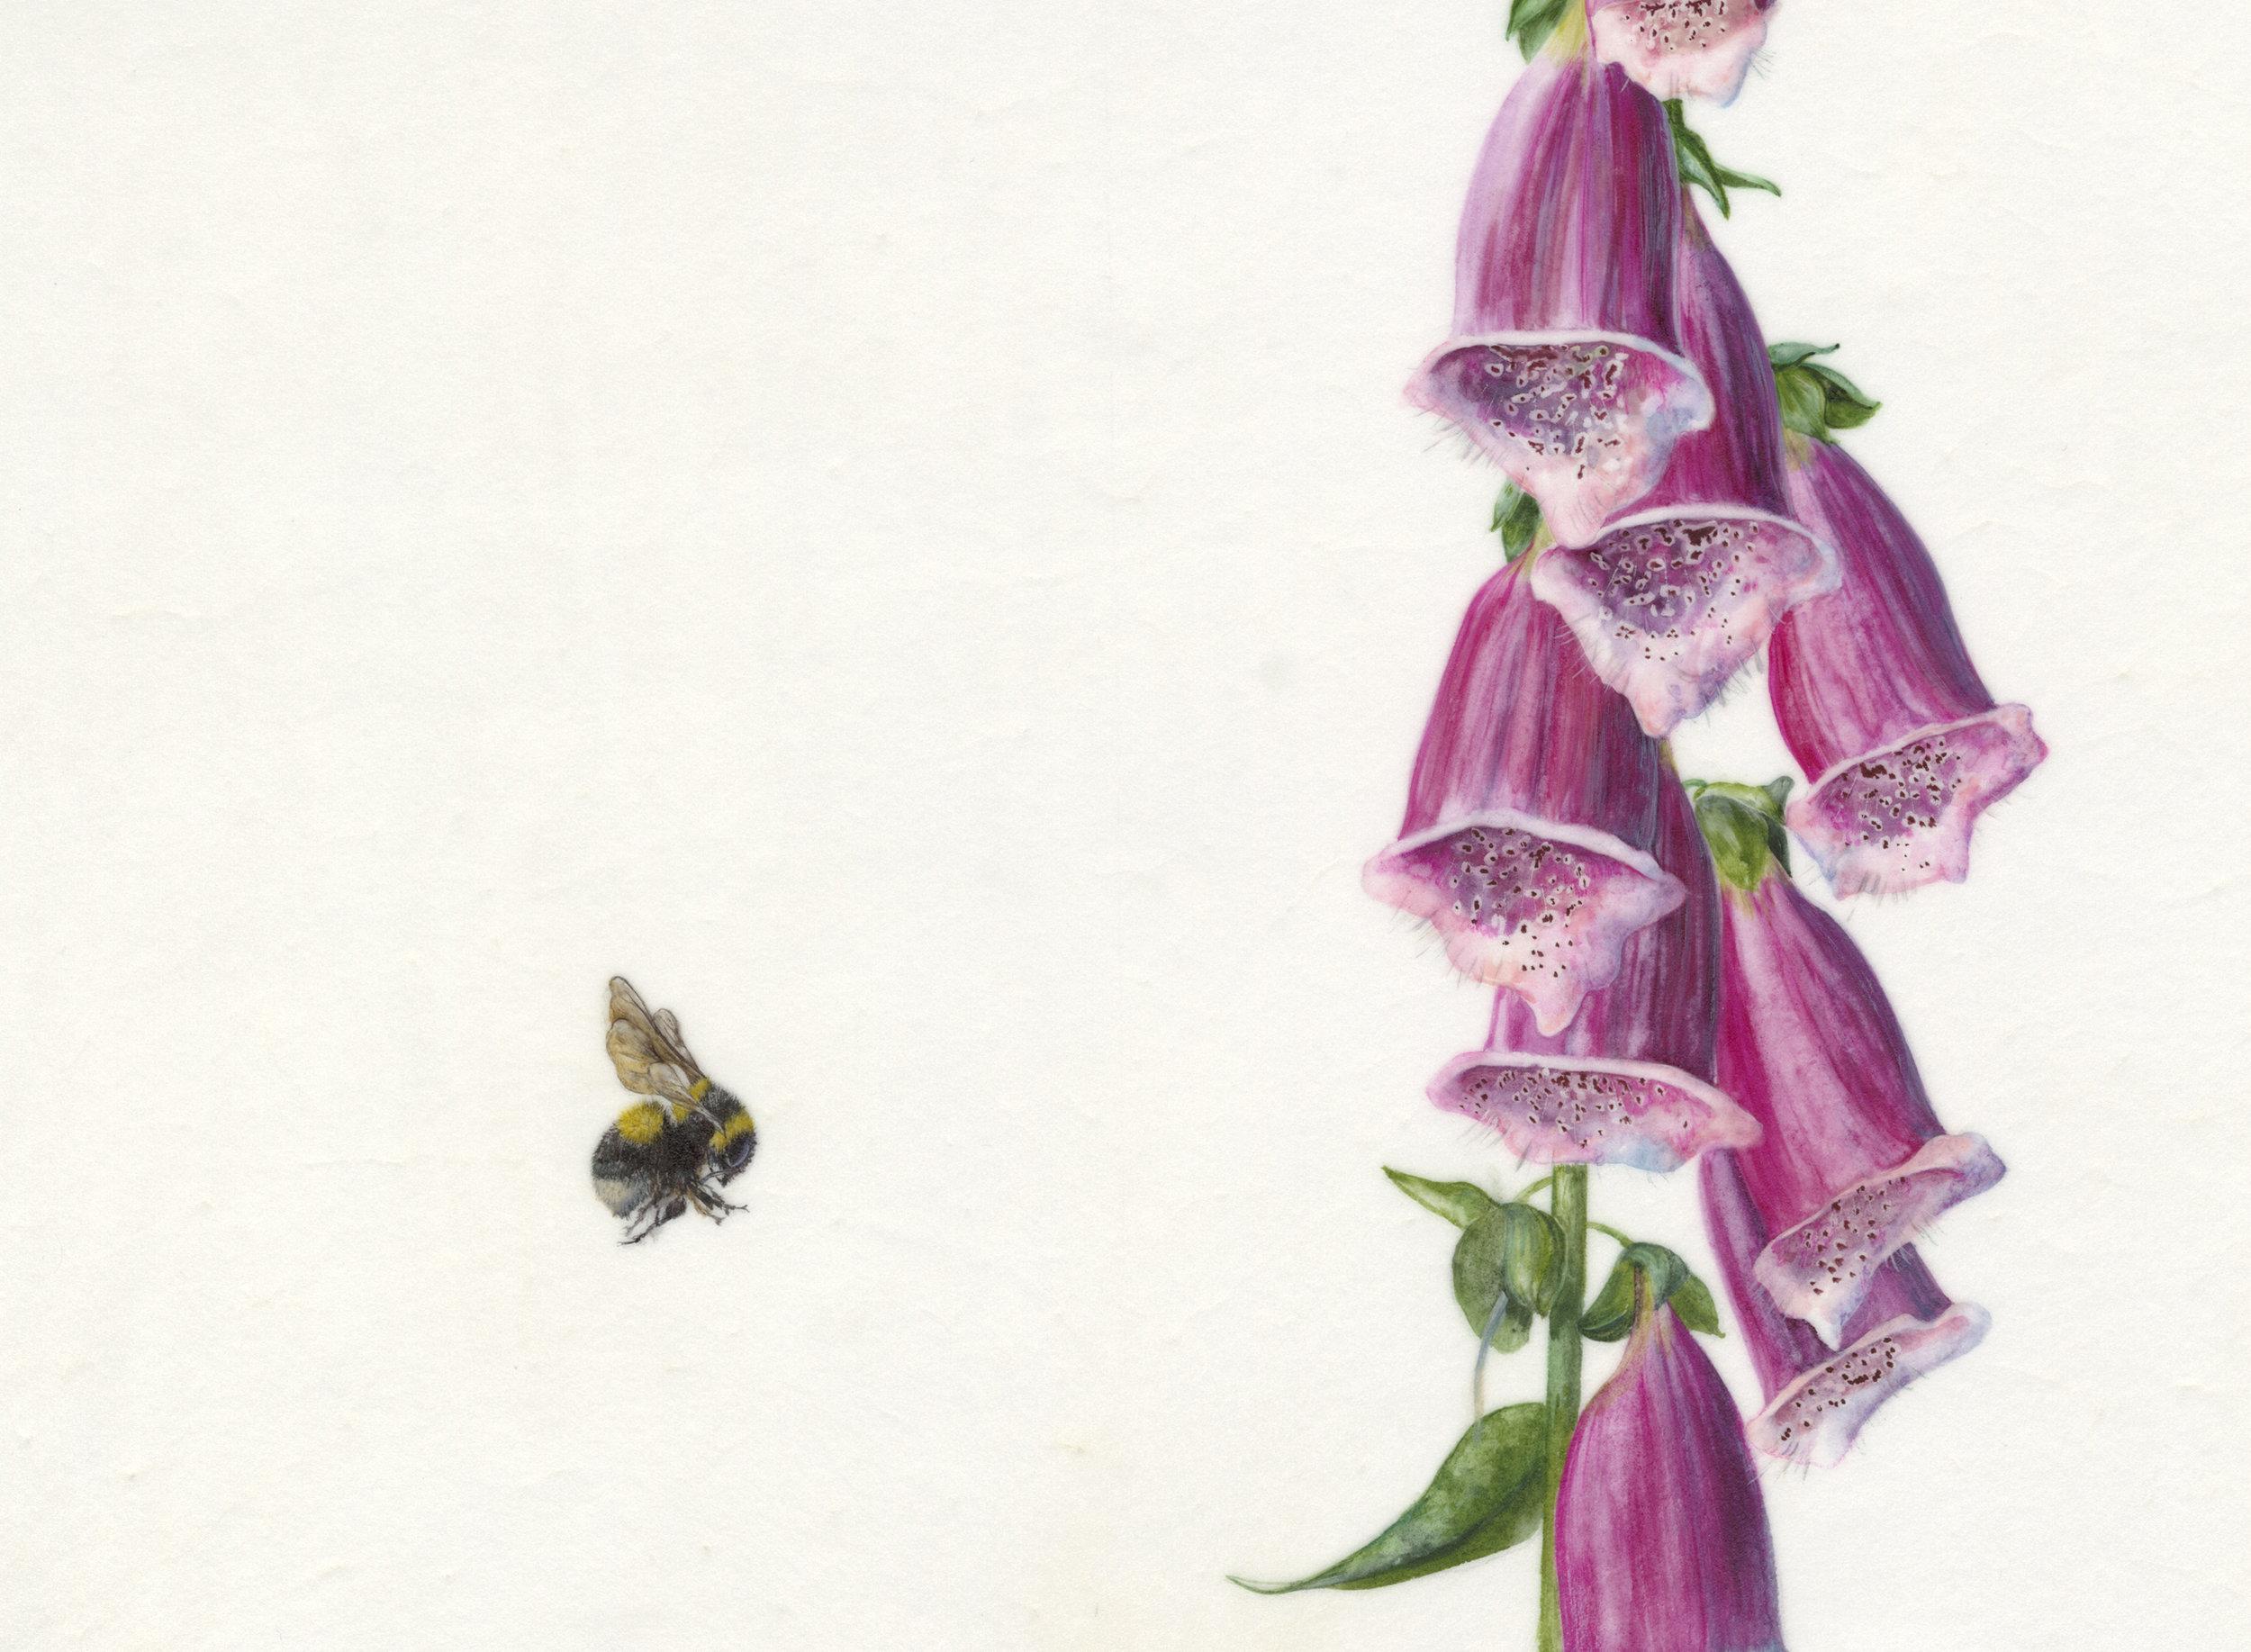 Digitalis Purpurea et Bombus Hortorum  watercolour on vellum  22 x 17 cm image  39 x 45 cm framed  SOLD